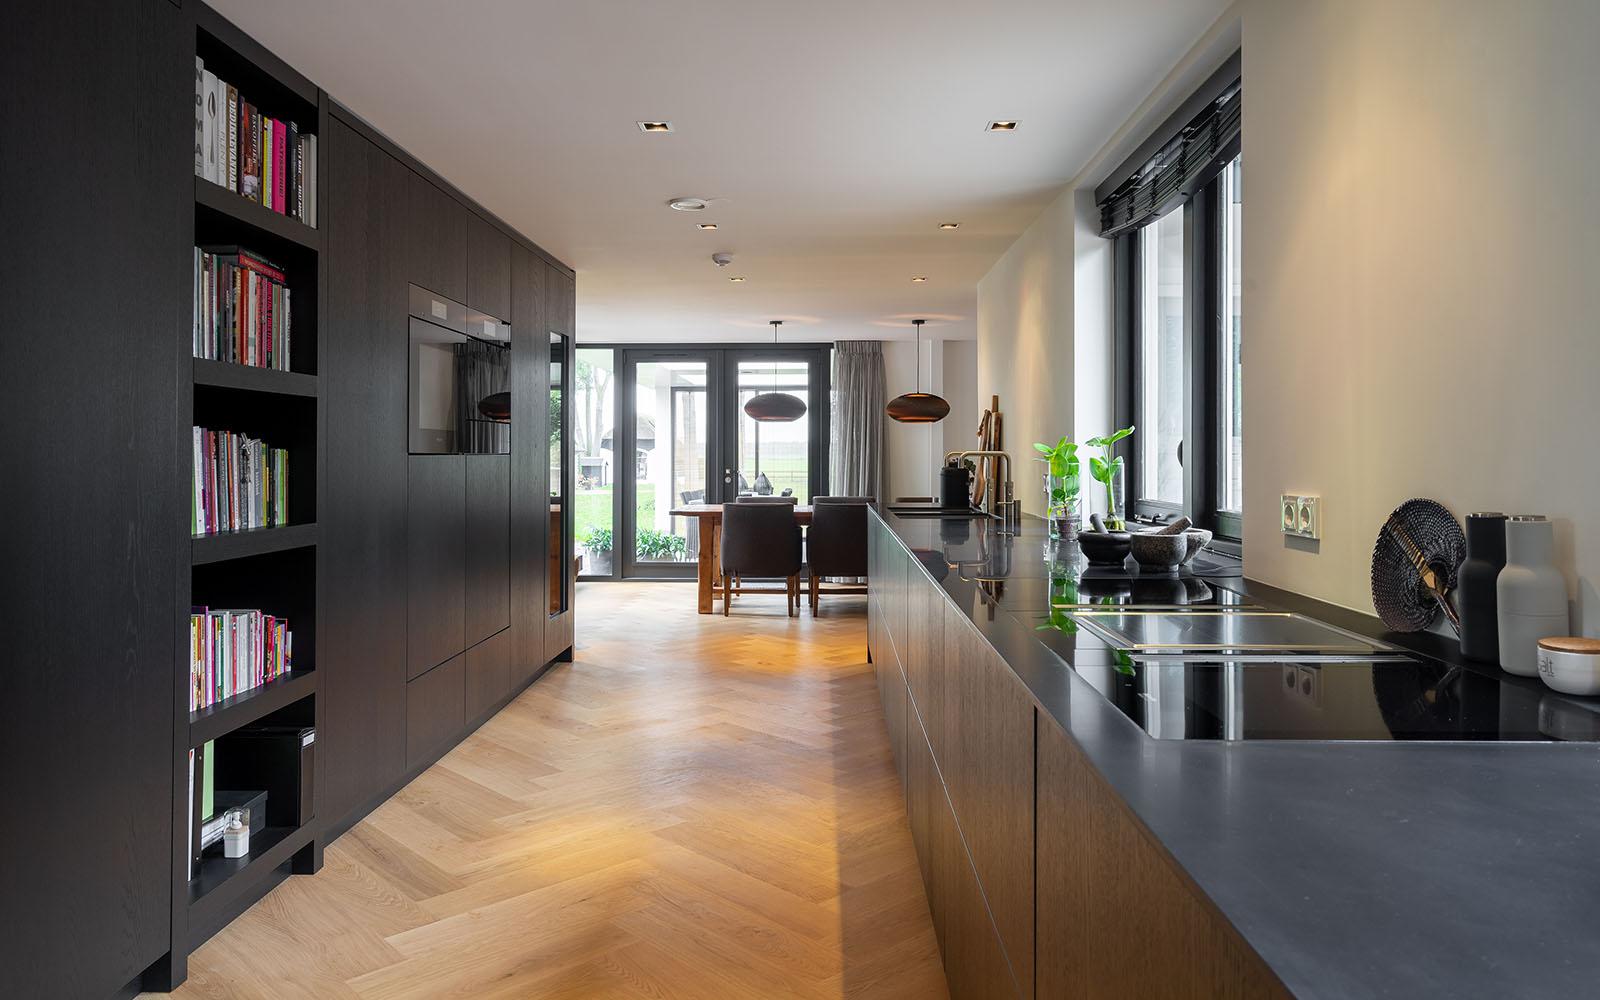 zwarte keuken, hollands maatwerk, the art of living